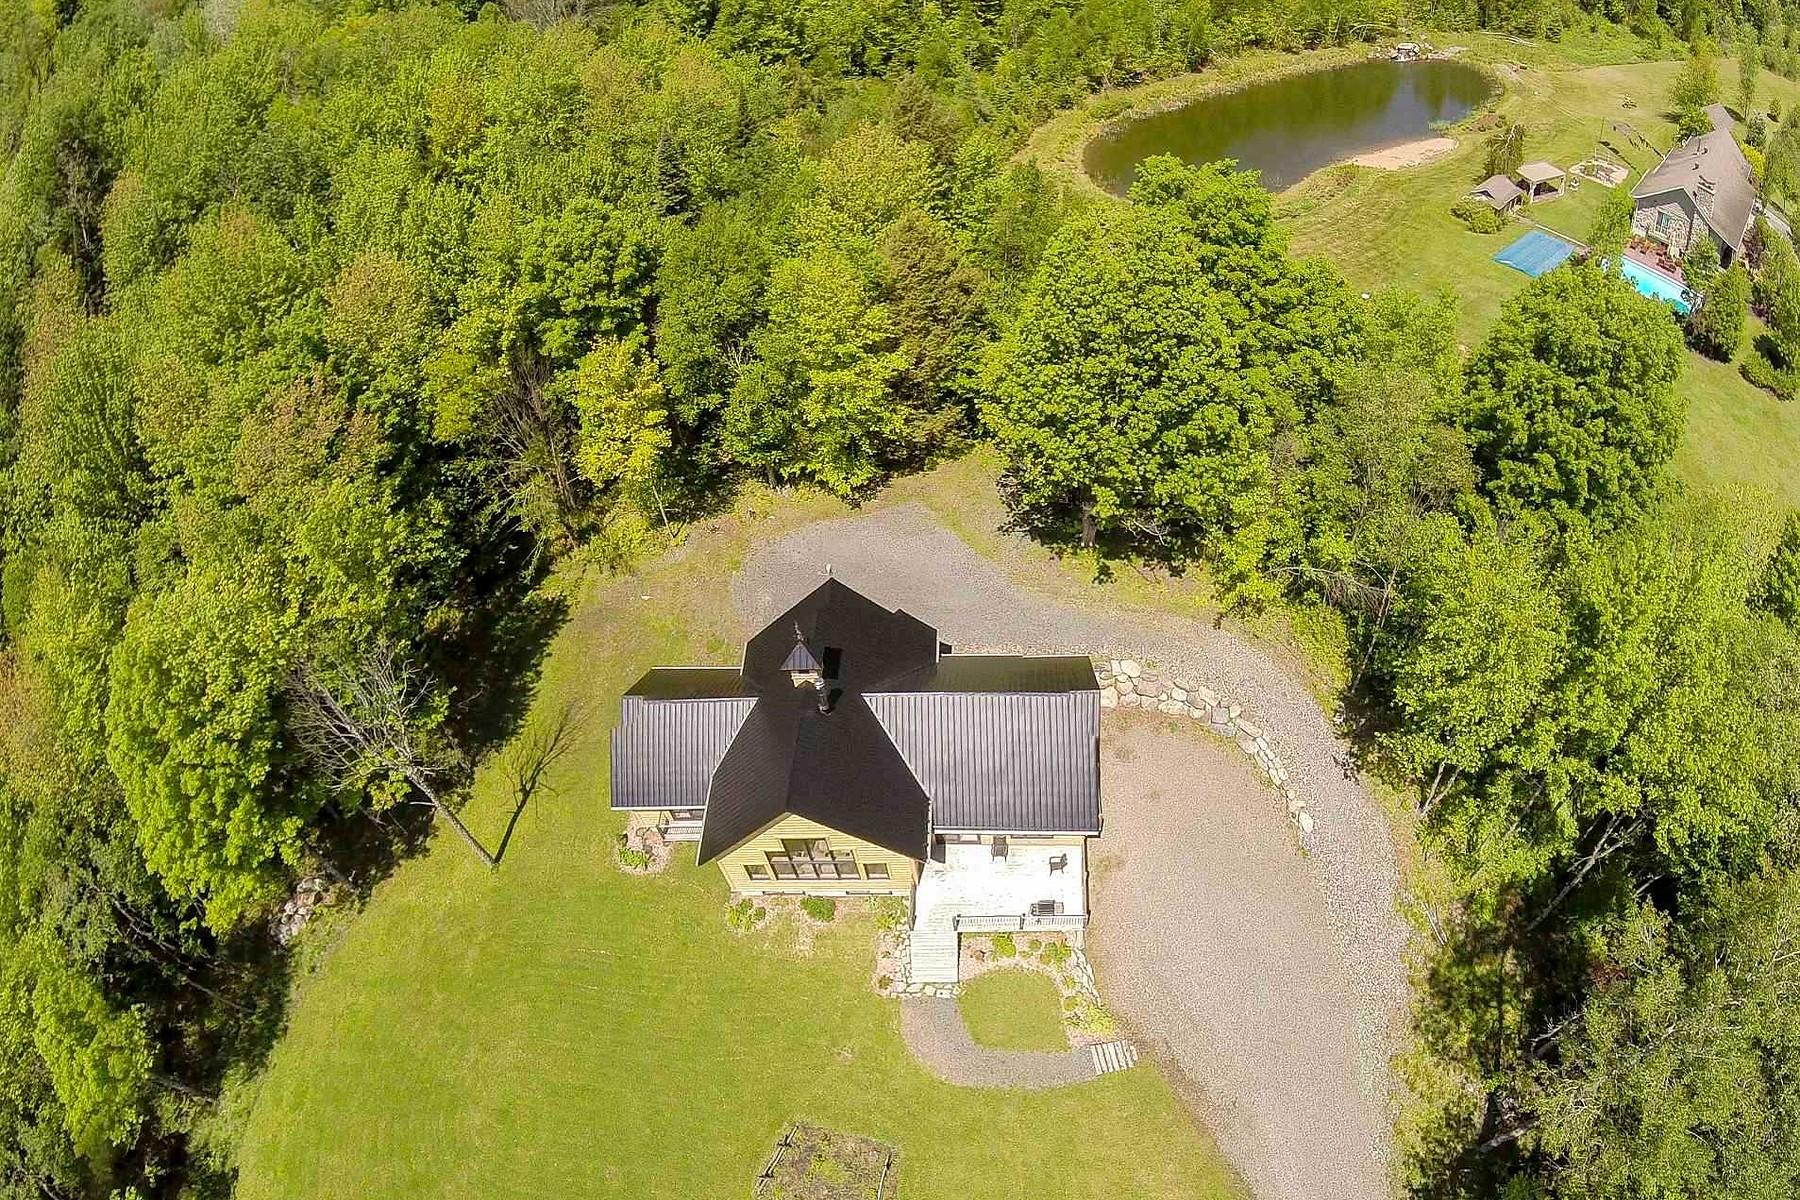 Einfamilienhaus für Verkauf beim Stukely-Sud, Estrie 475 Ch. Aline Stukely-Sud, Quebec, J0E2J0 Kanada